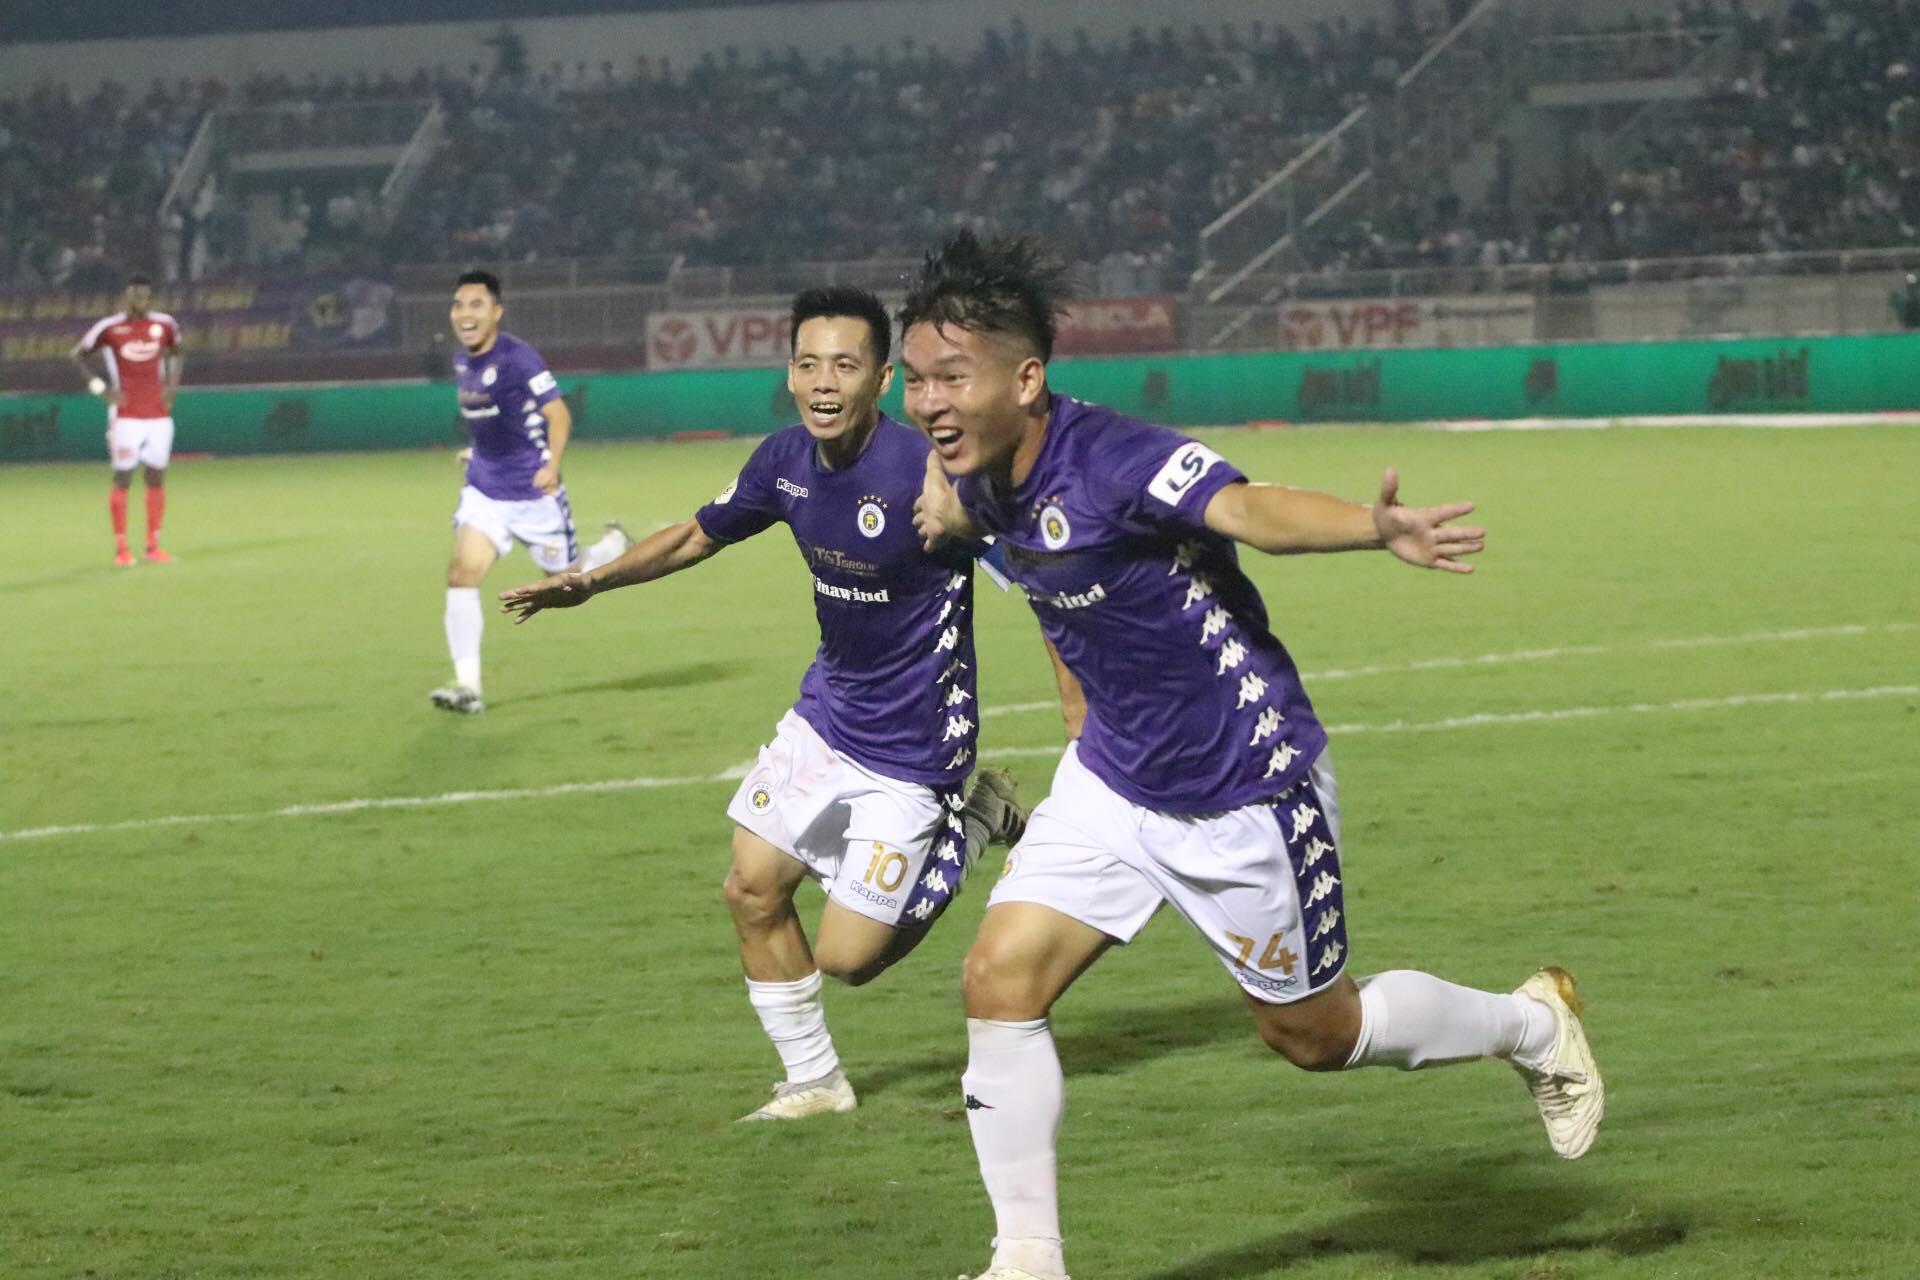 Thái Quý rực sáng sau khi vào sân thay Quang Hải với 1 bàn thắng, 1 kiến tạo - Ảnh: Hữu Thành